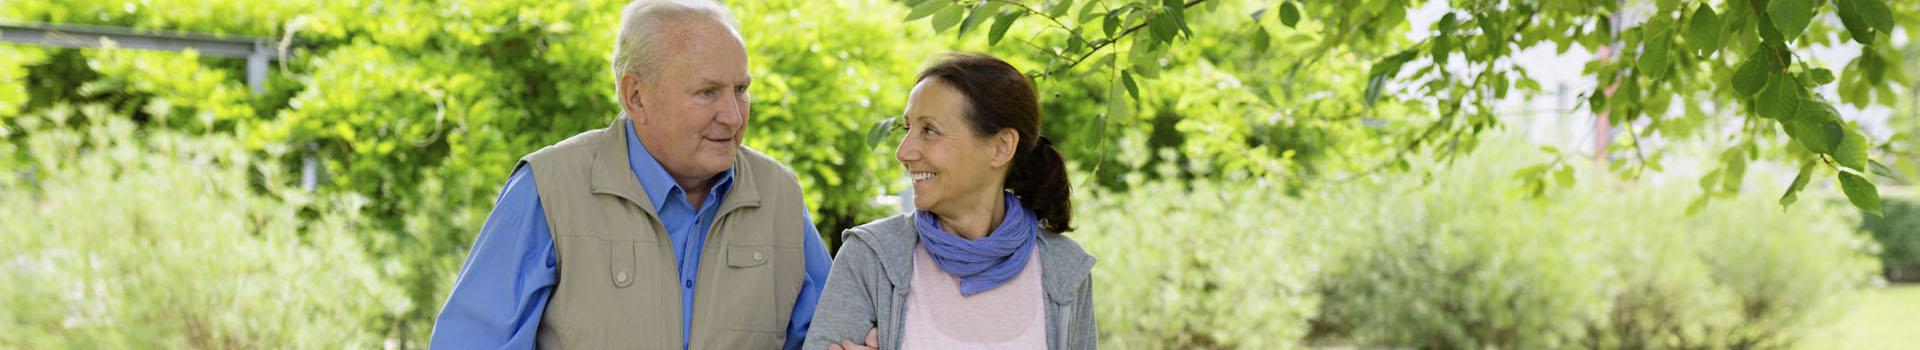 Les services et aides réservés aux seniors